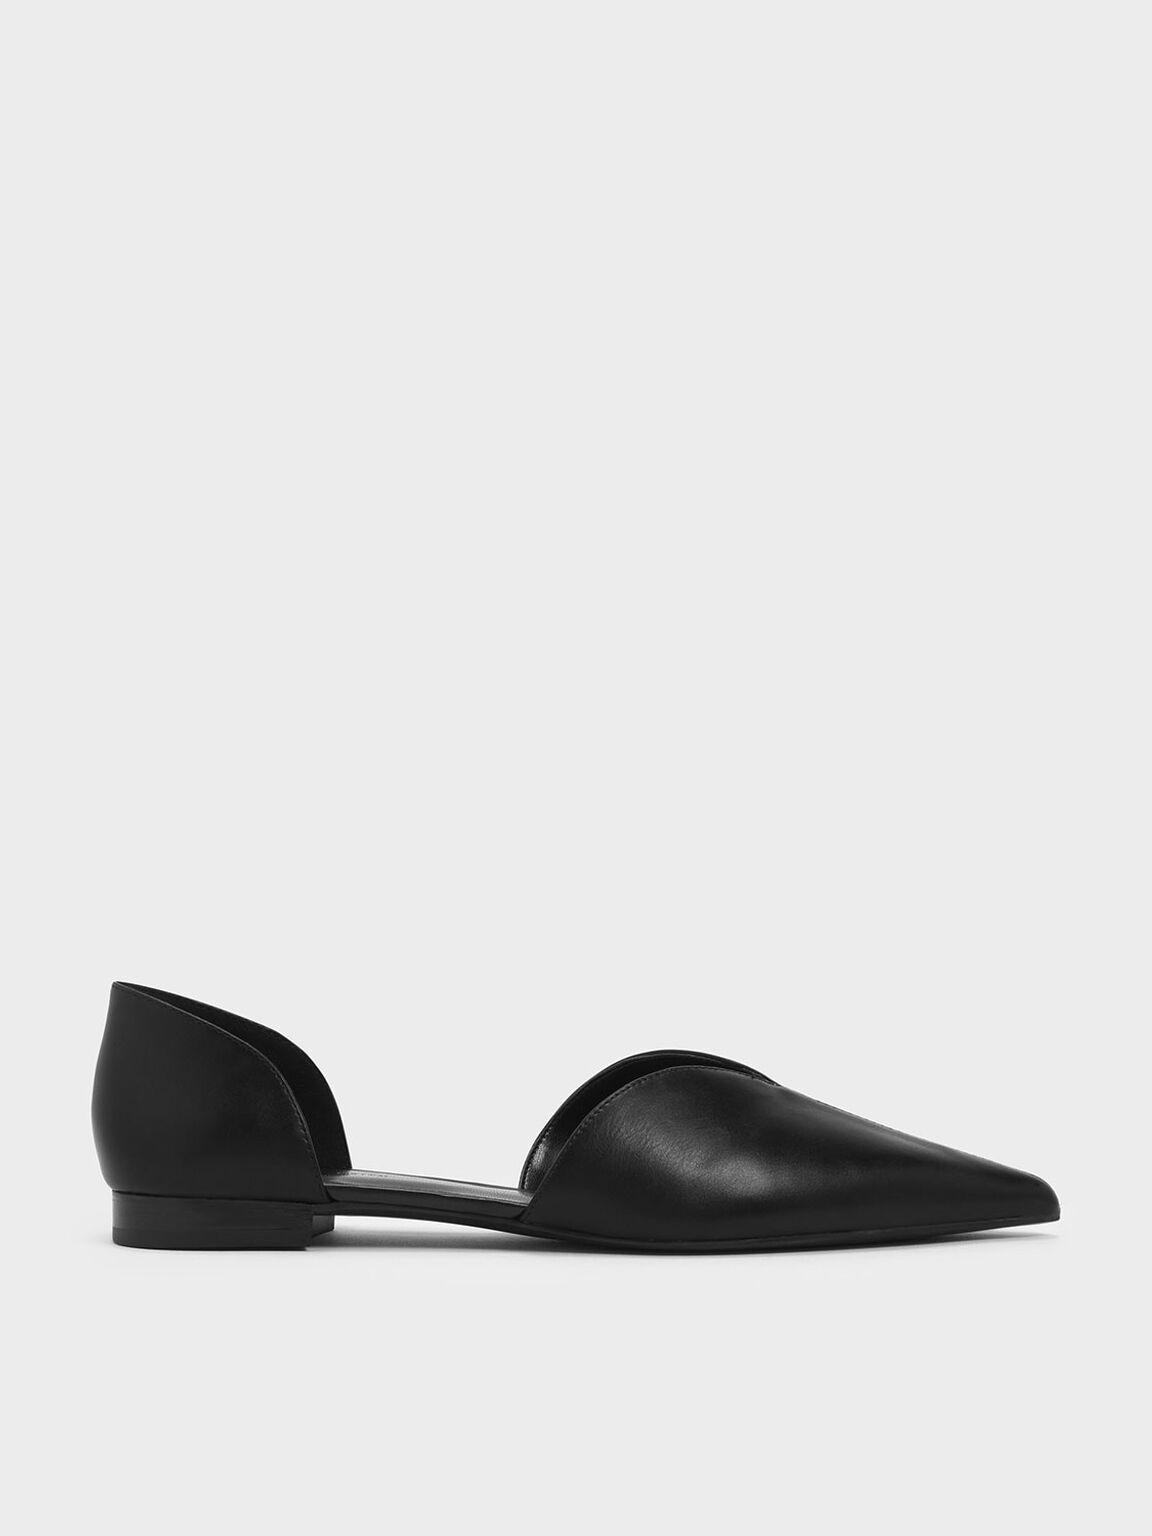 Sweetheart Cut D'Orsay Flats, Black, hi-res